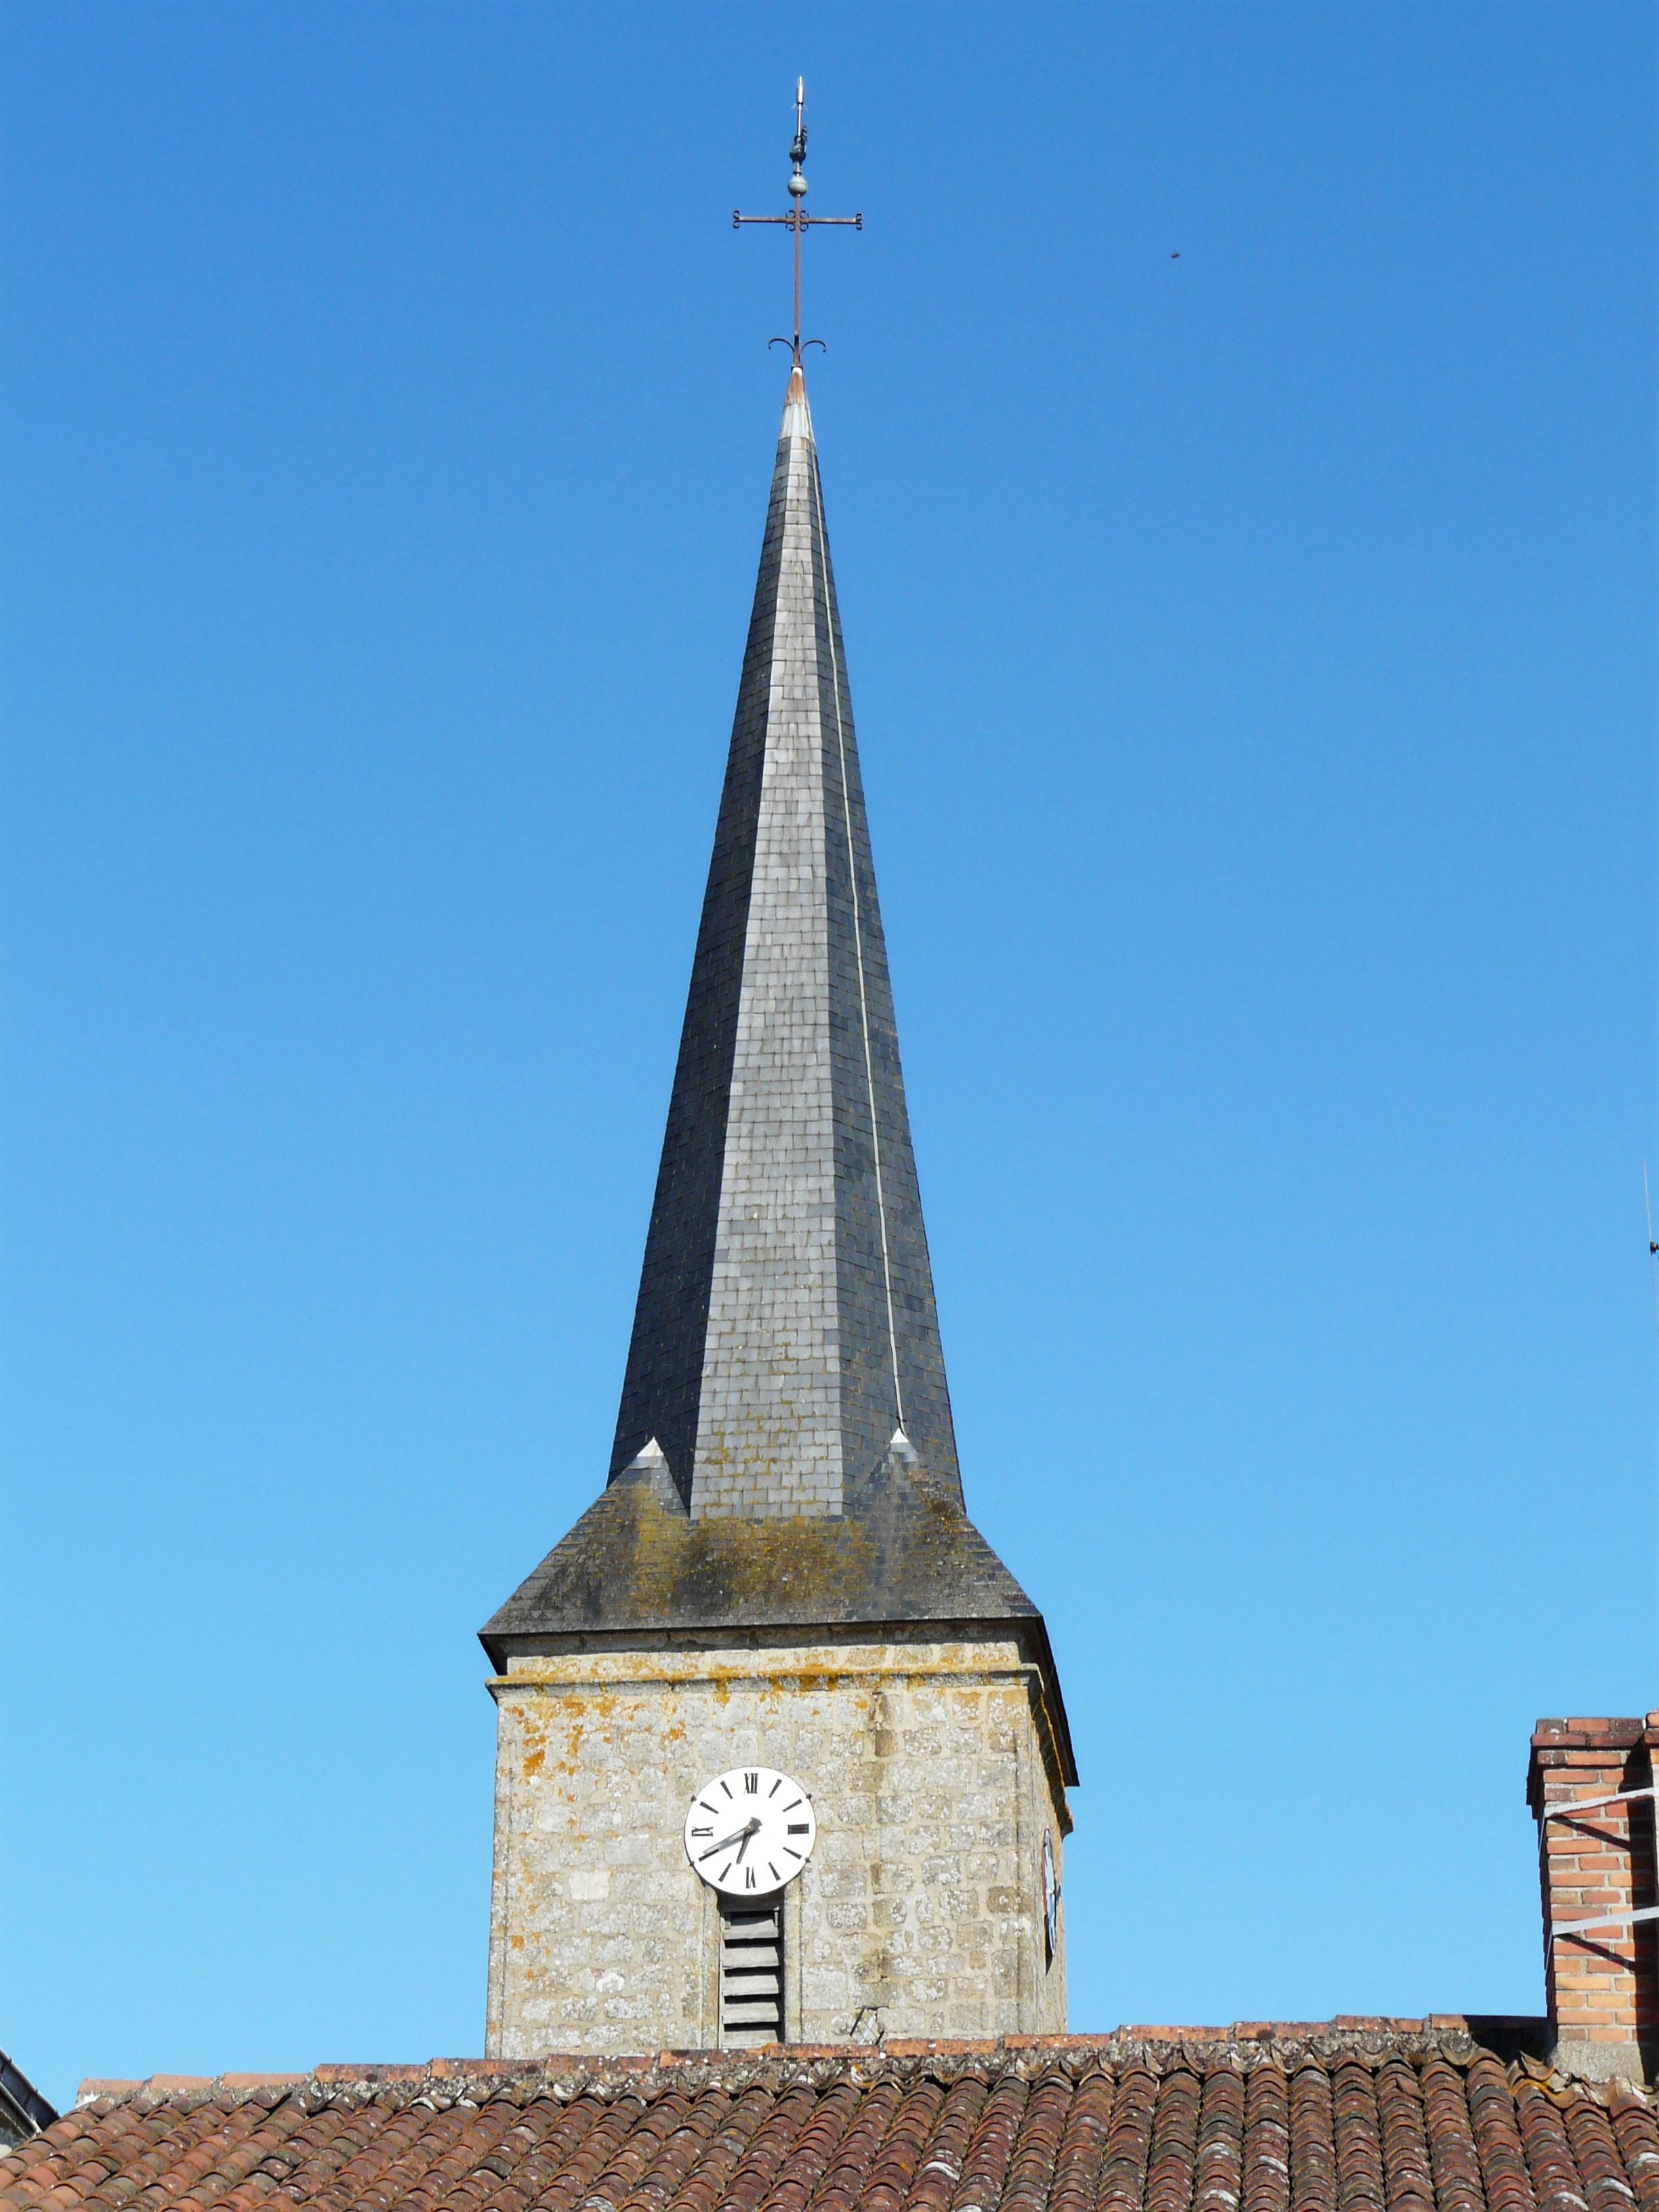 Narbonne Version 3 1: File:Boussais église Clocher.JPG